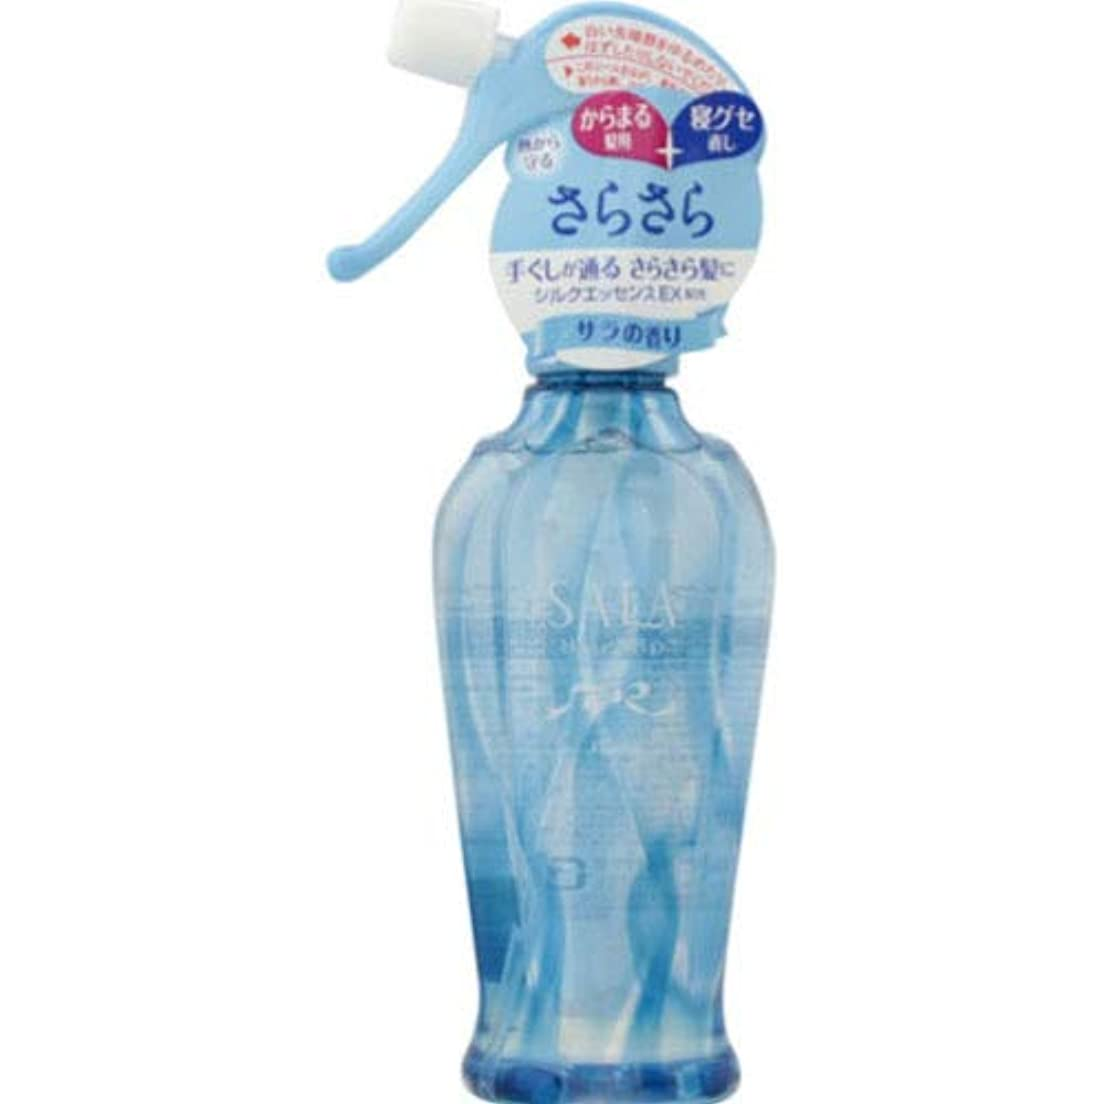 戦士細菌明らかにサラ さらさらサラ水 サラの香り